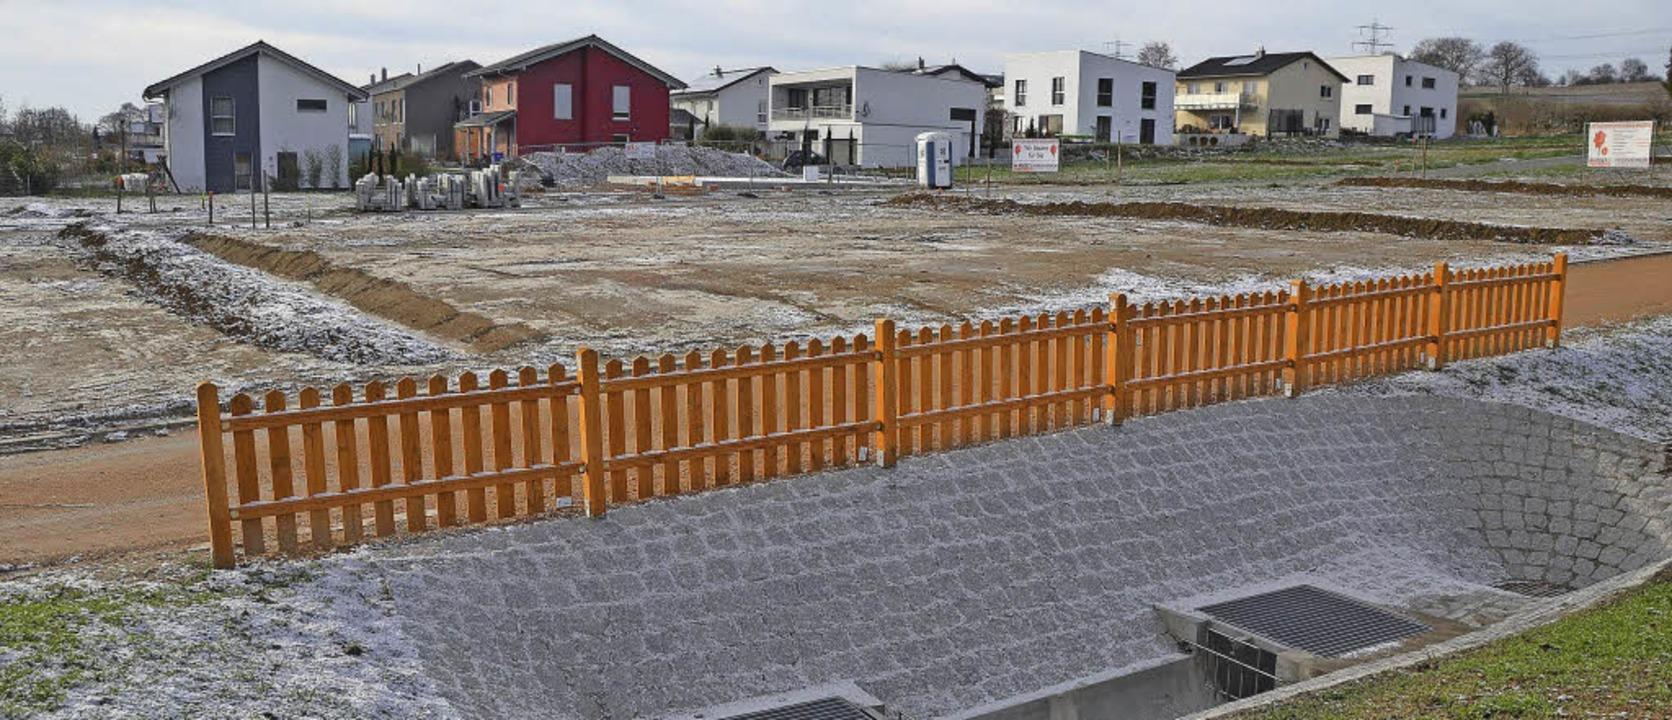 Hinterm Gartenzaun geht's weiter...Bauanträge für Einfamilienhäuser ein.     Foto: Markus Maier